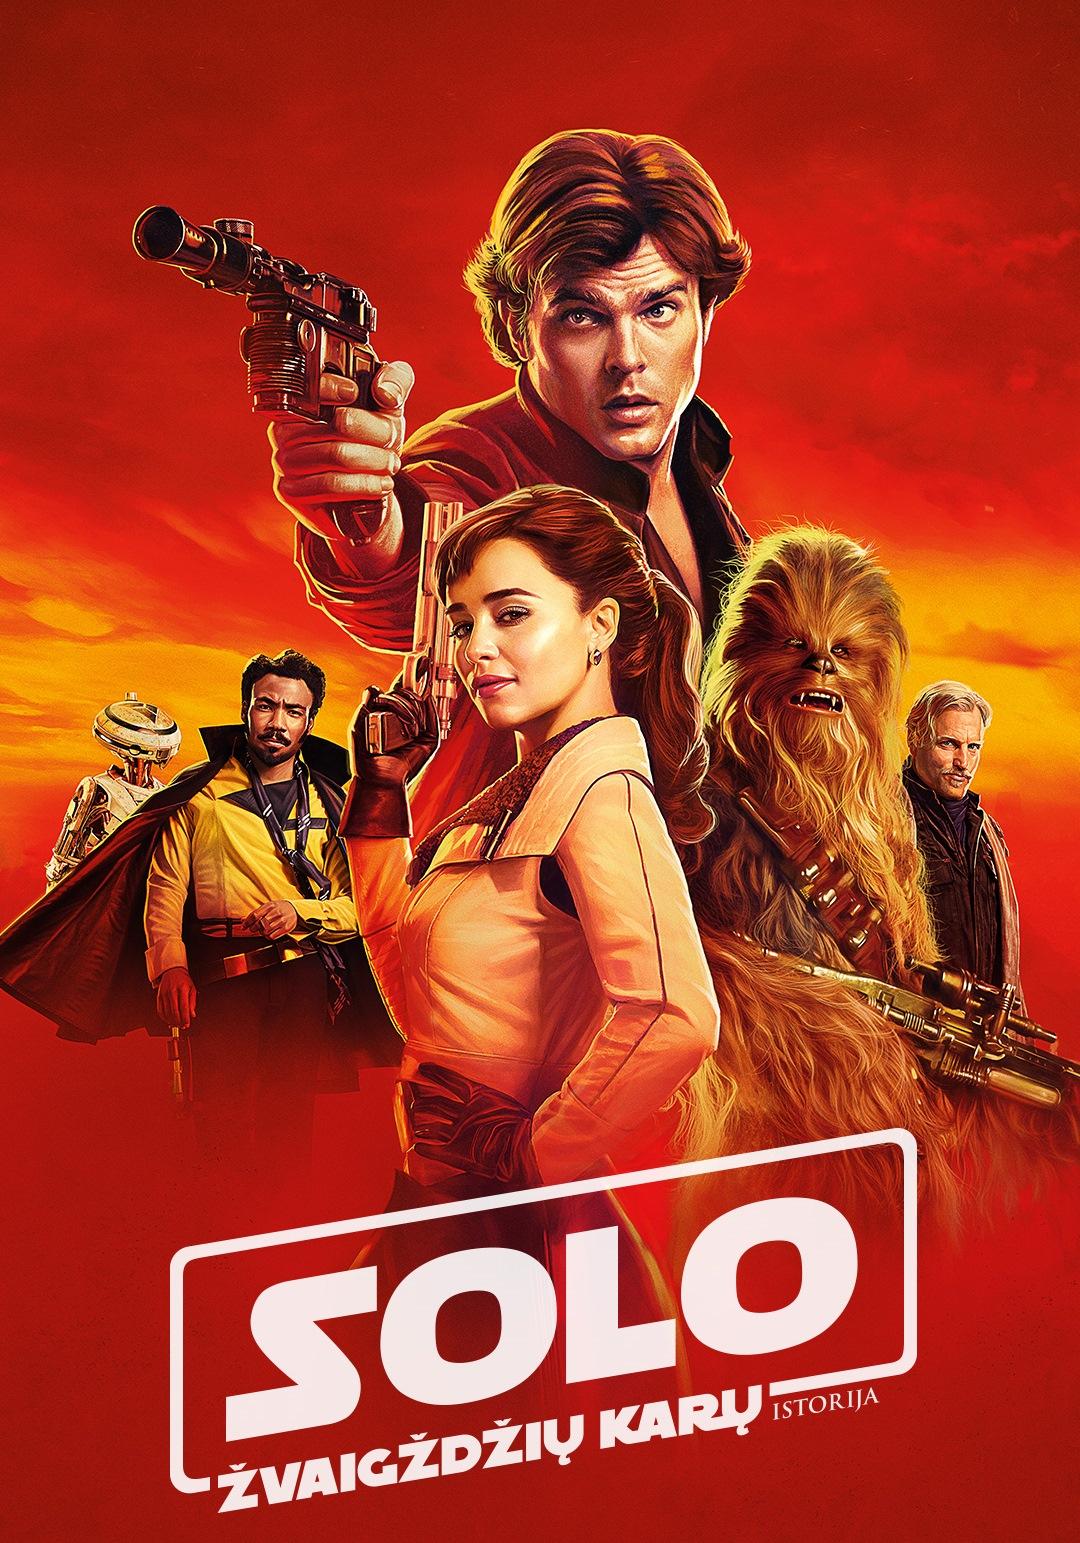 Solo. Žvaigždžių karų istorija (Solo: A Star Wars Story)